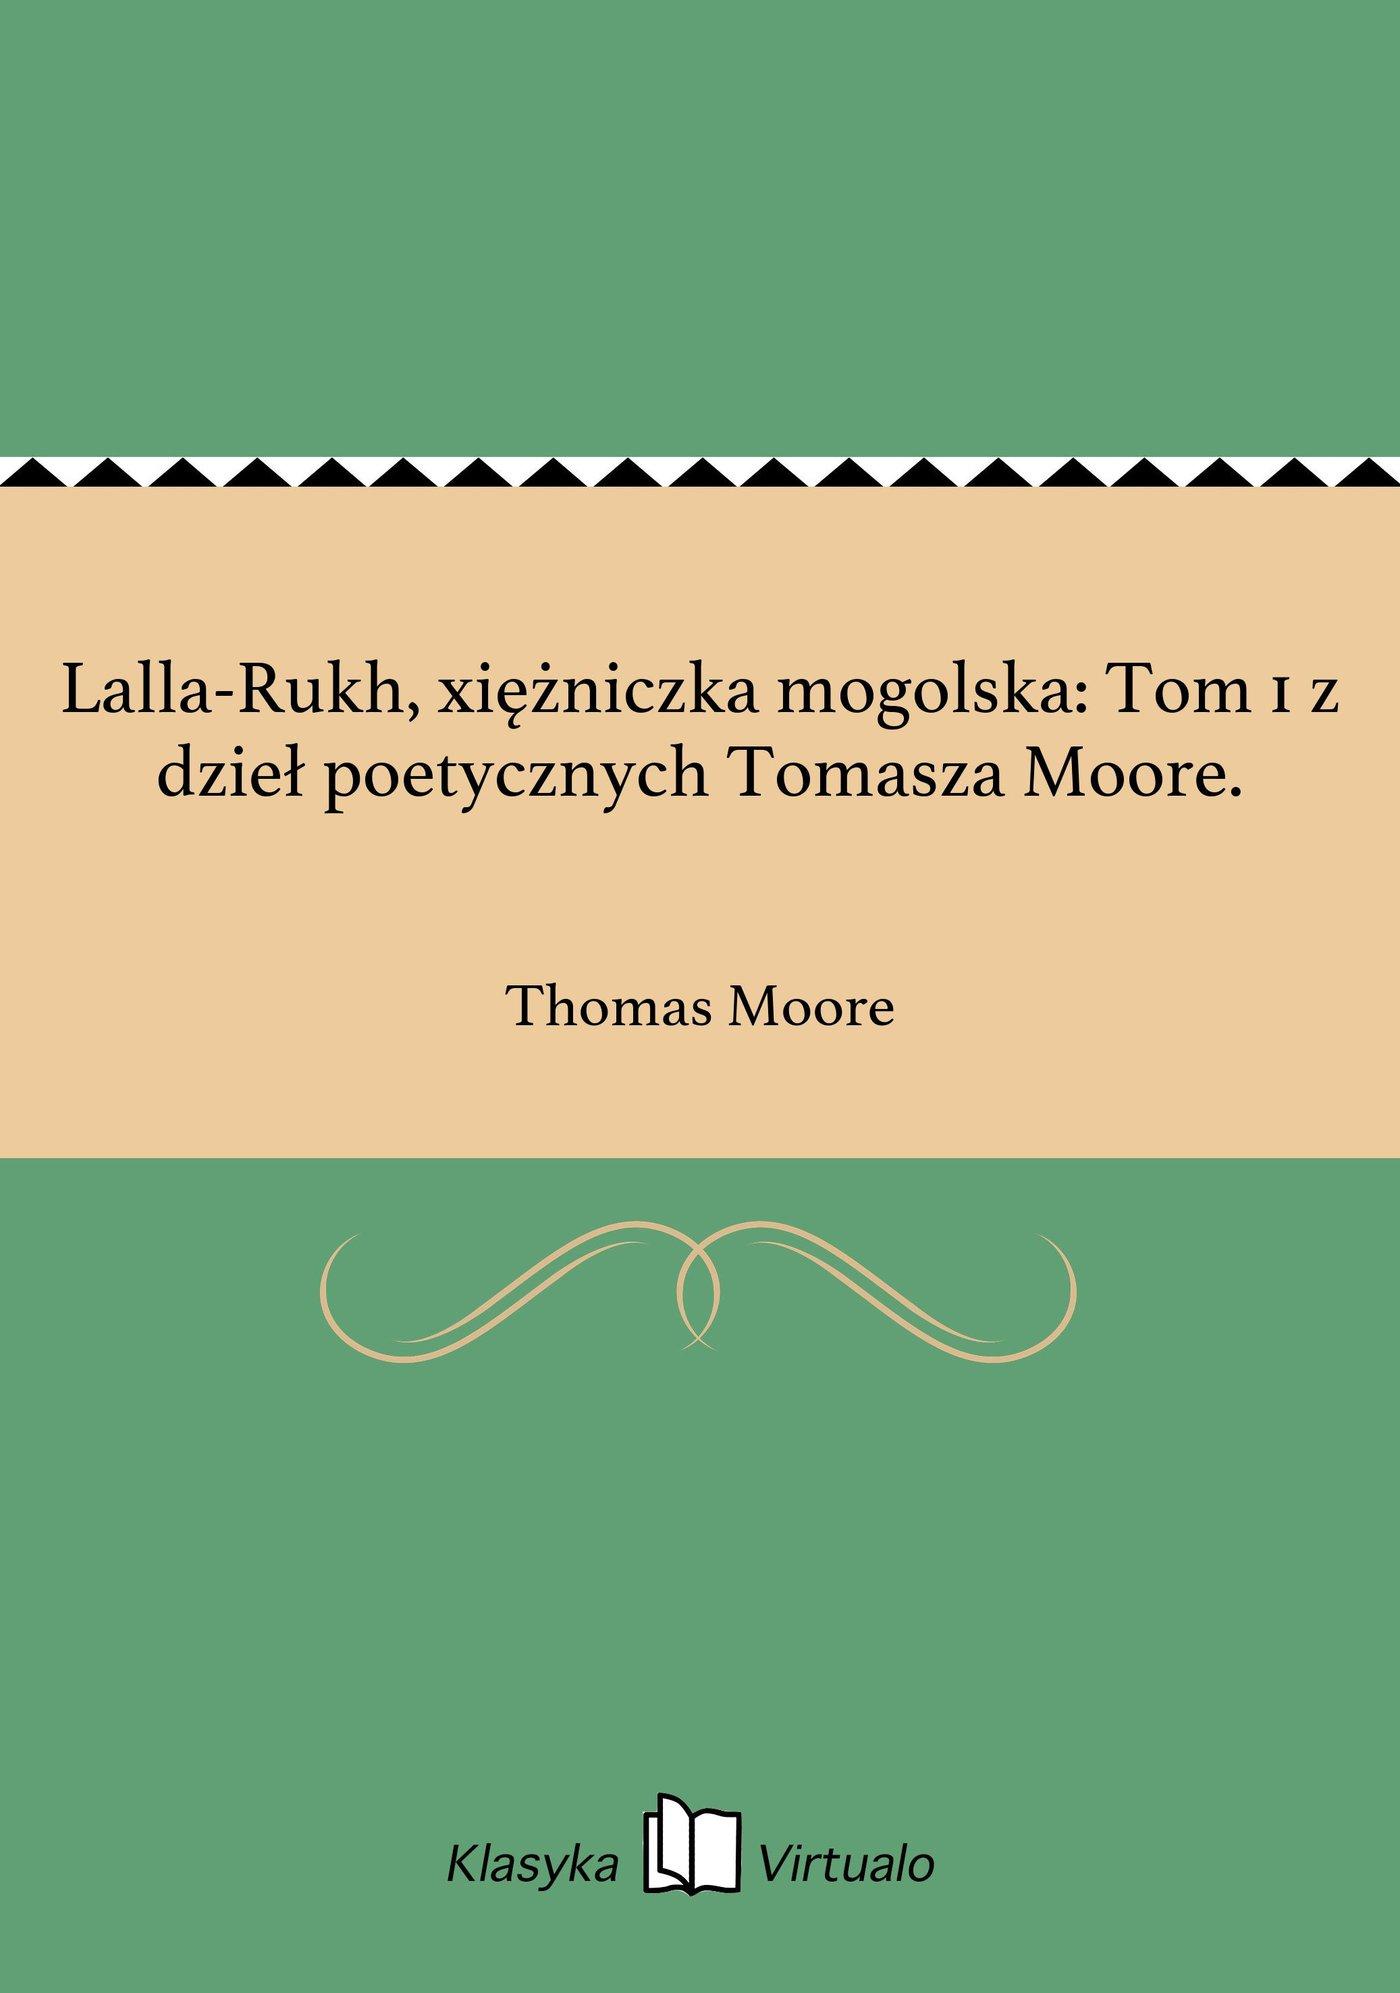 Lalla-Rukh, xiężniczka mogolska: Tom 1 z dzieł poetycznych Tomasza Moore. - Ebook (Książka EPUB) do pobrania w formacie EPUB